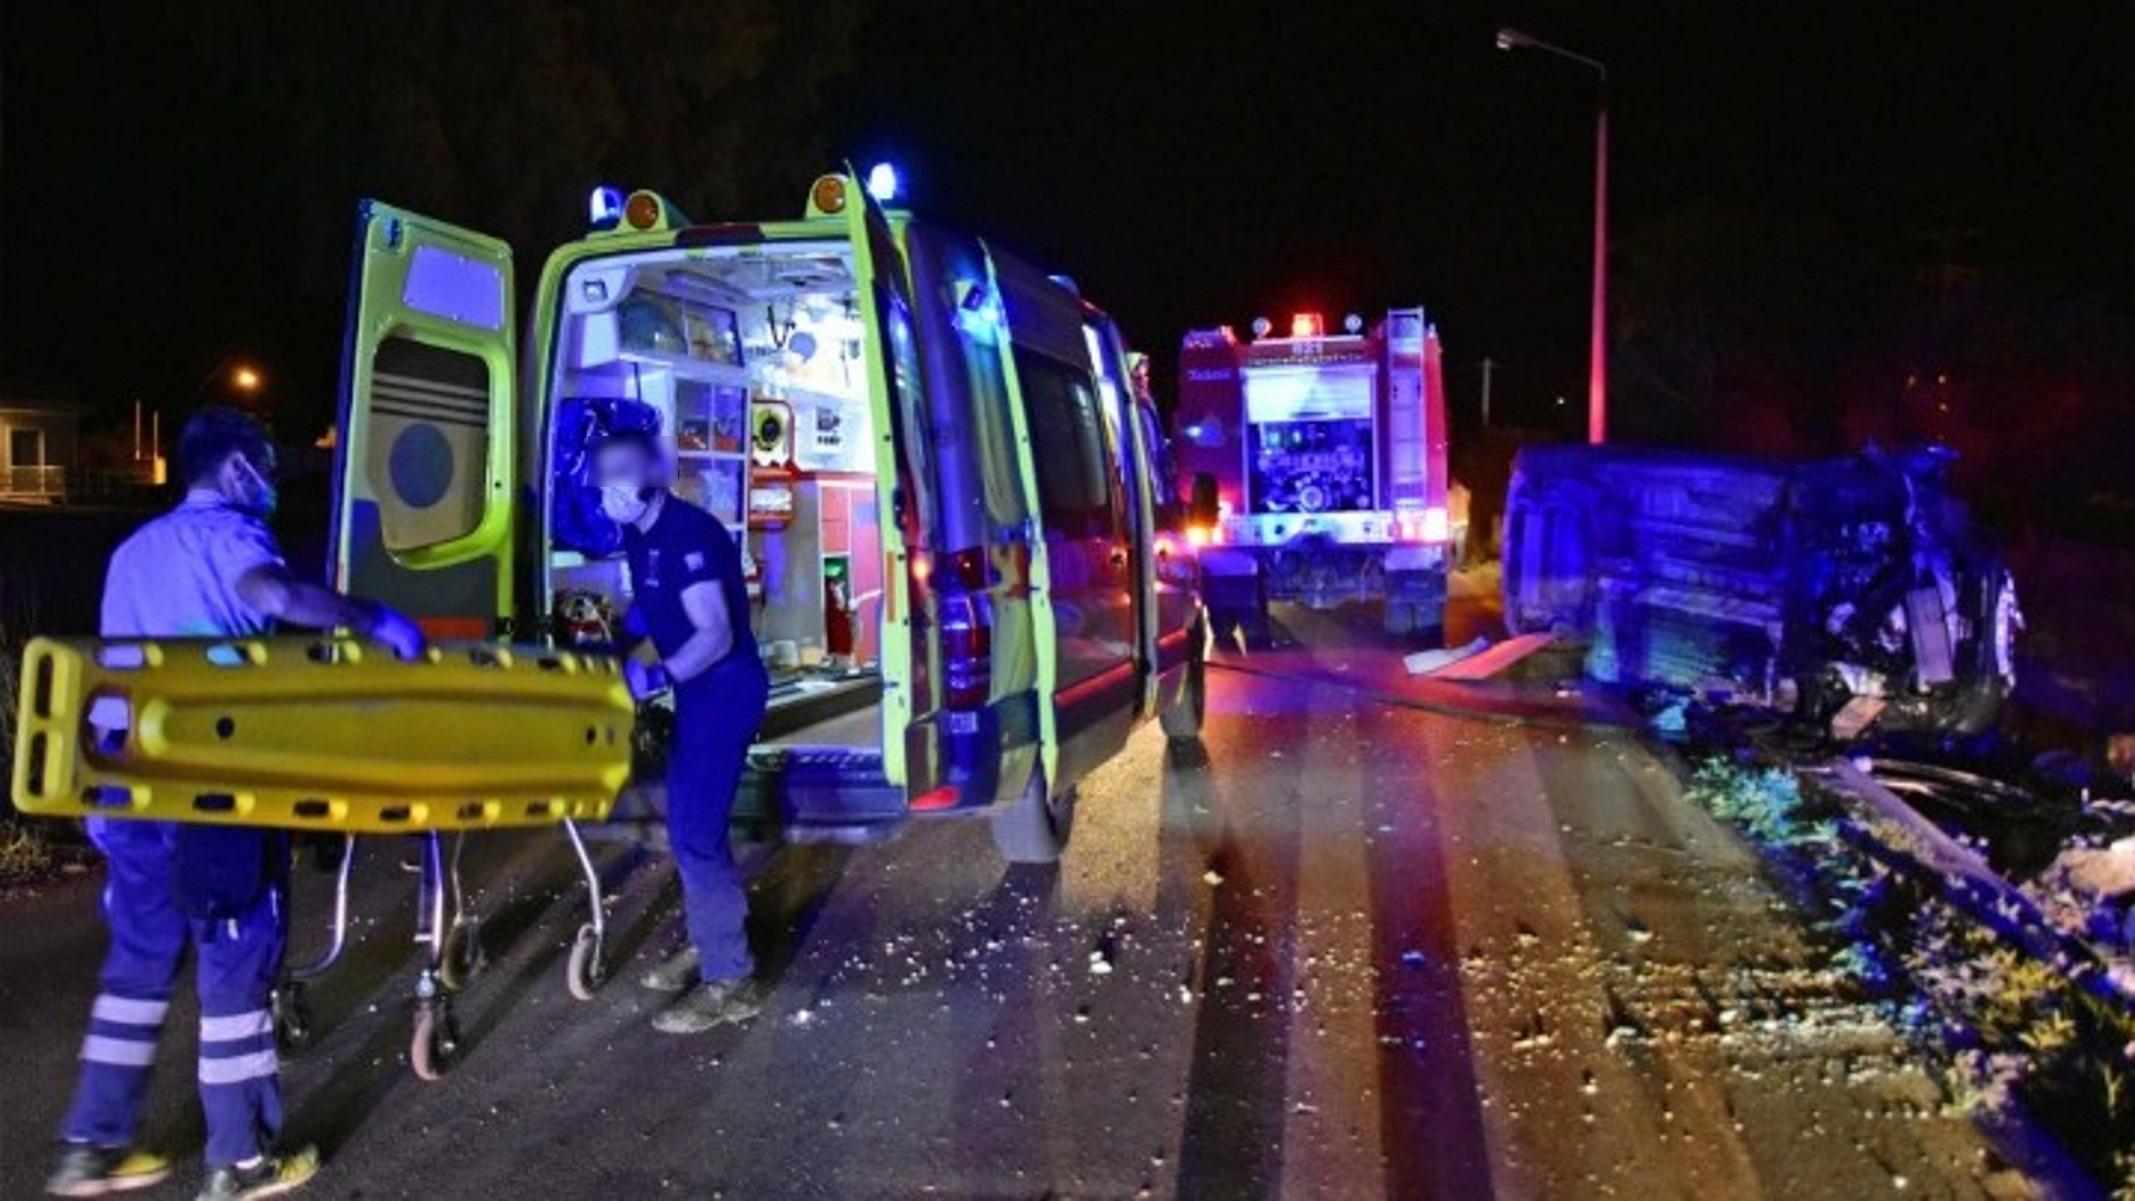 Σέρρες: Νεκρός σε τροχαίο 65χρονος μοτοσικλετιστής – Έπεσε σε αρδευτικό κανάλι